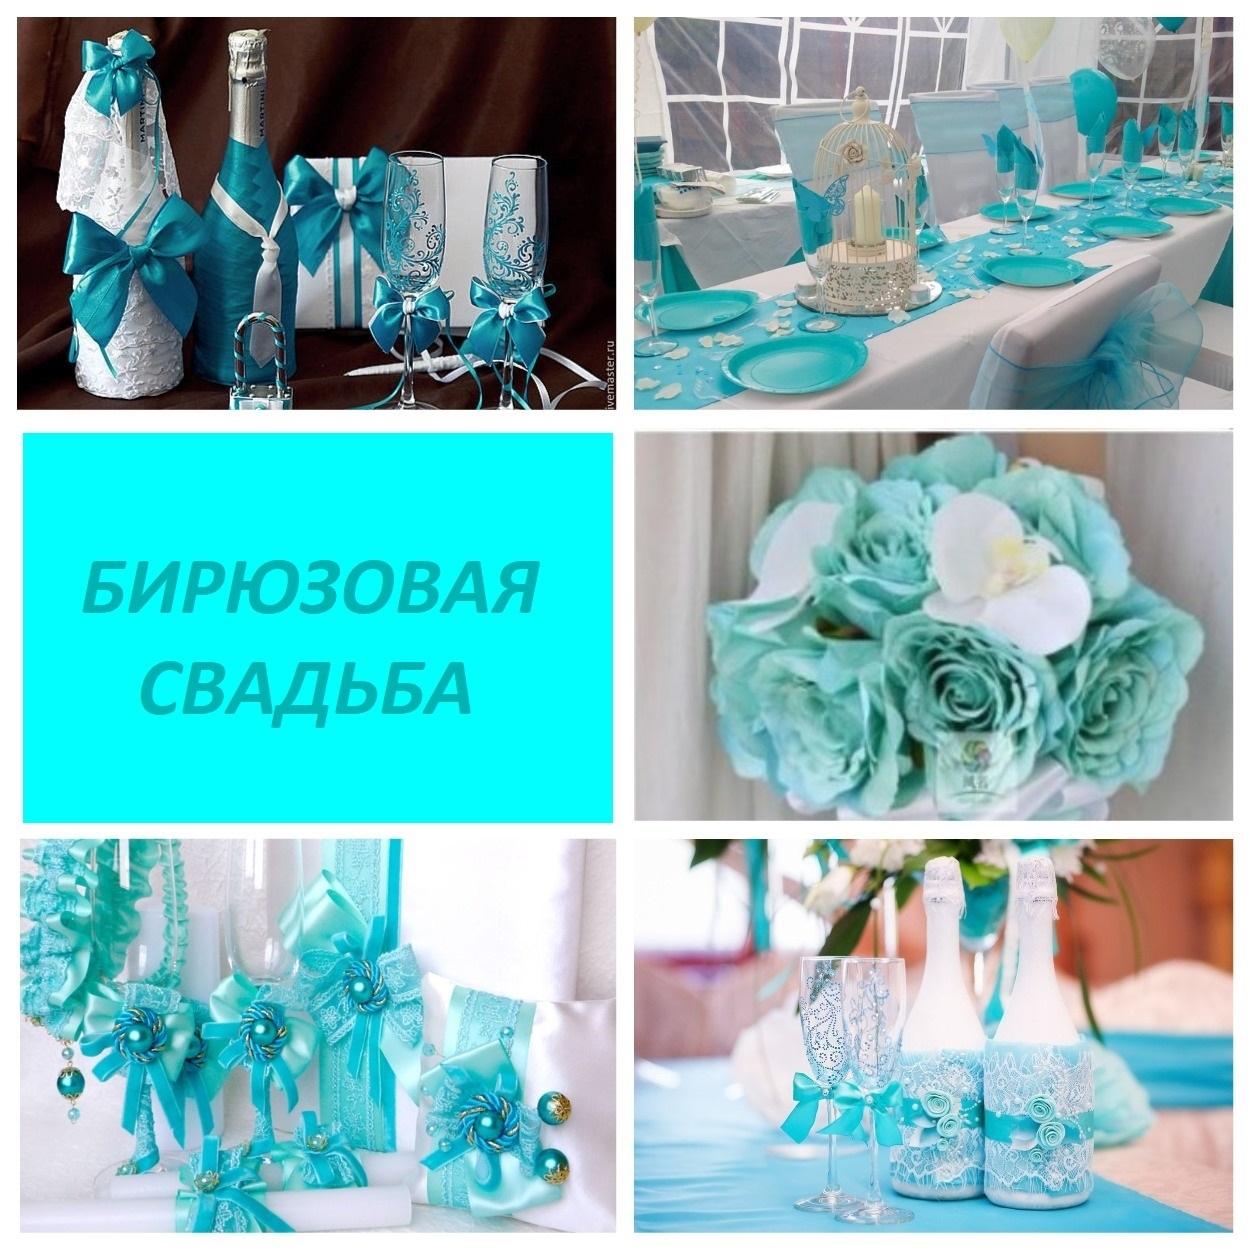 С бирюзовой свадьбой картинки, цветы